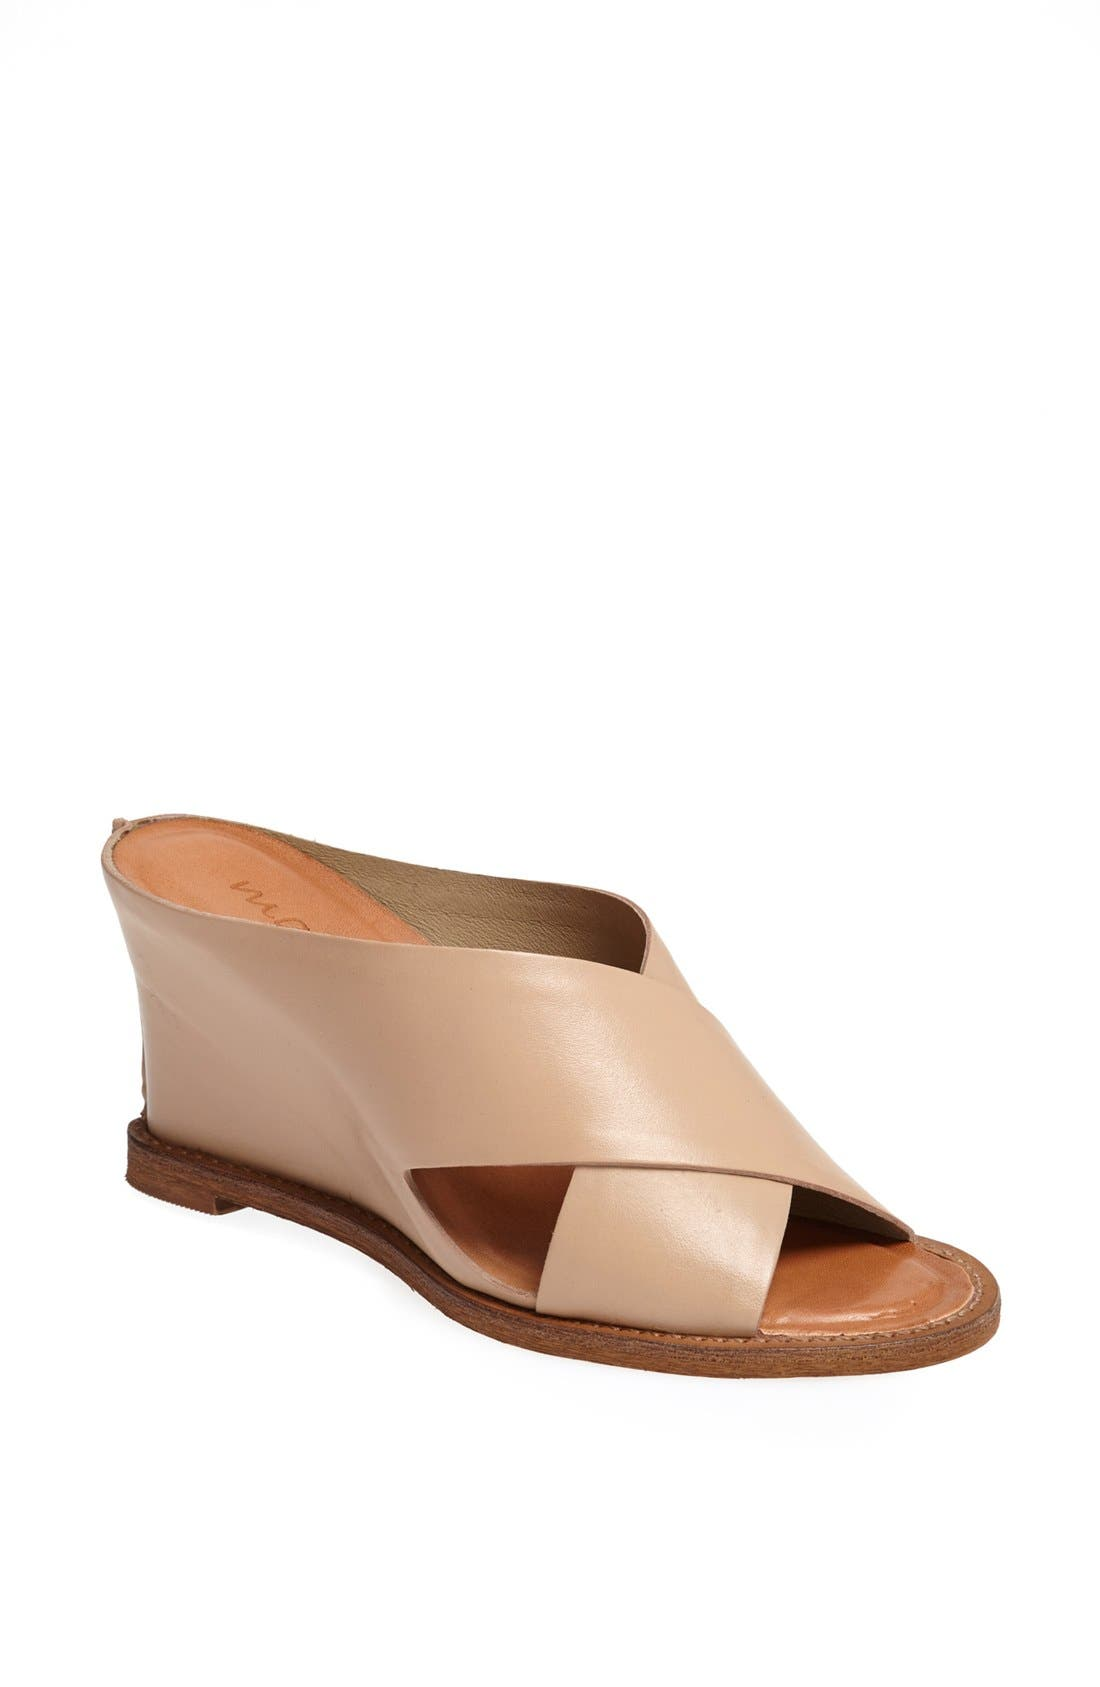 Alternate Image 1 Selected - Matisse 'Habitual' Sandal